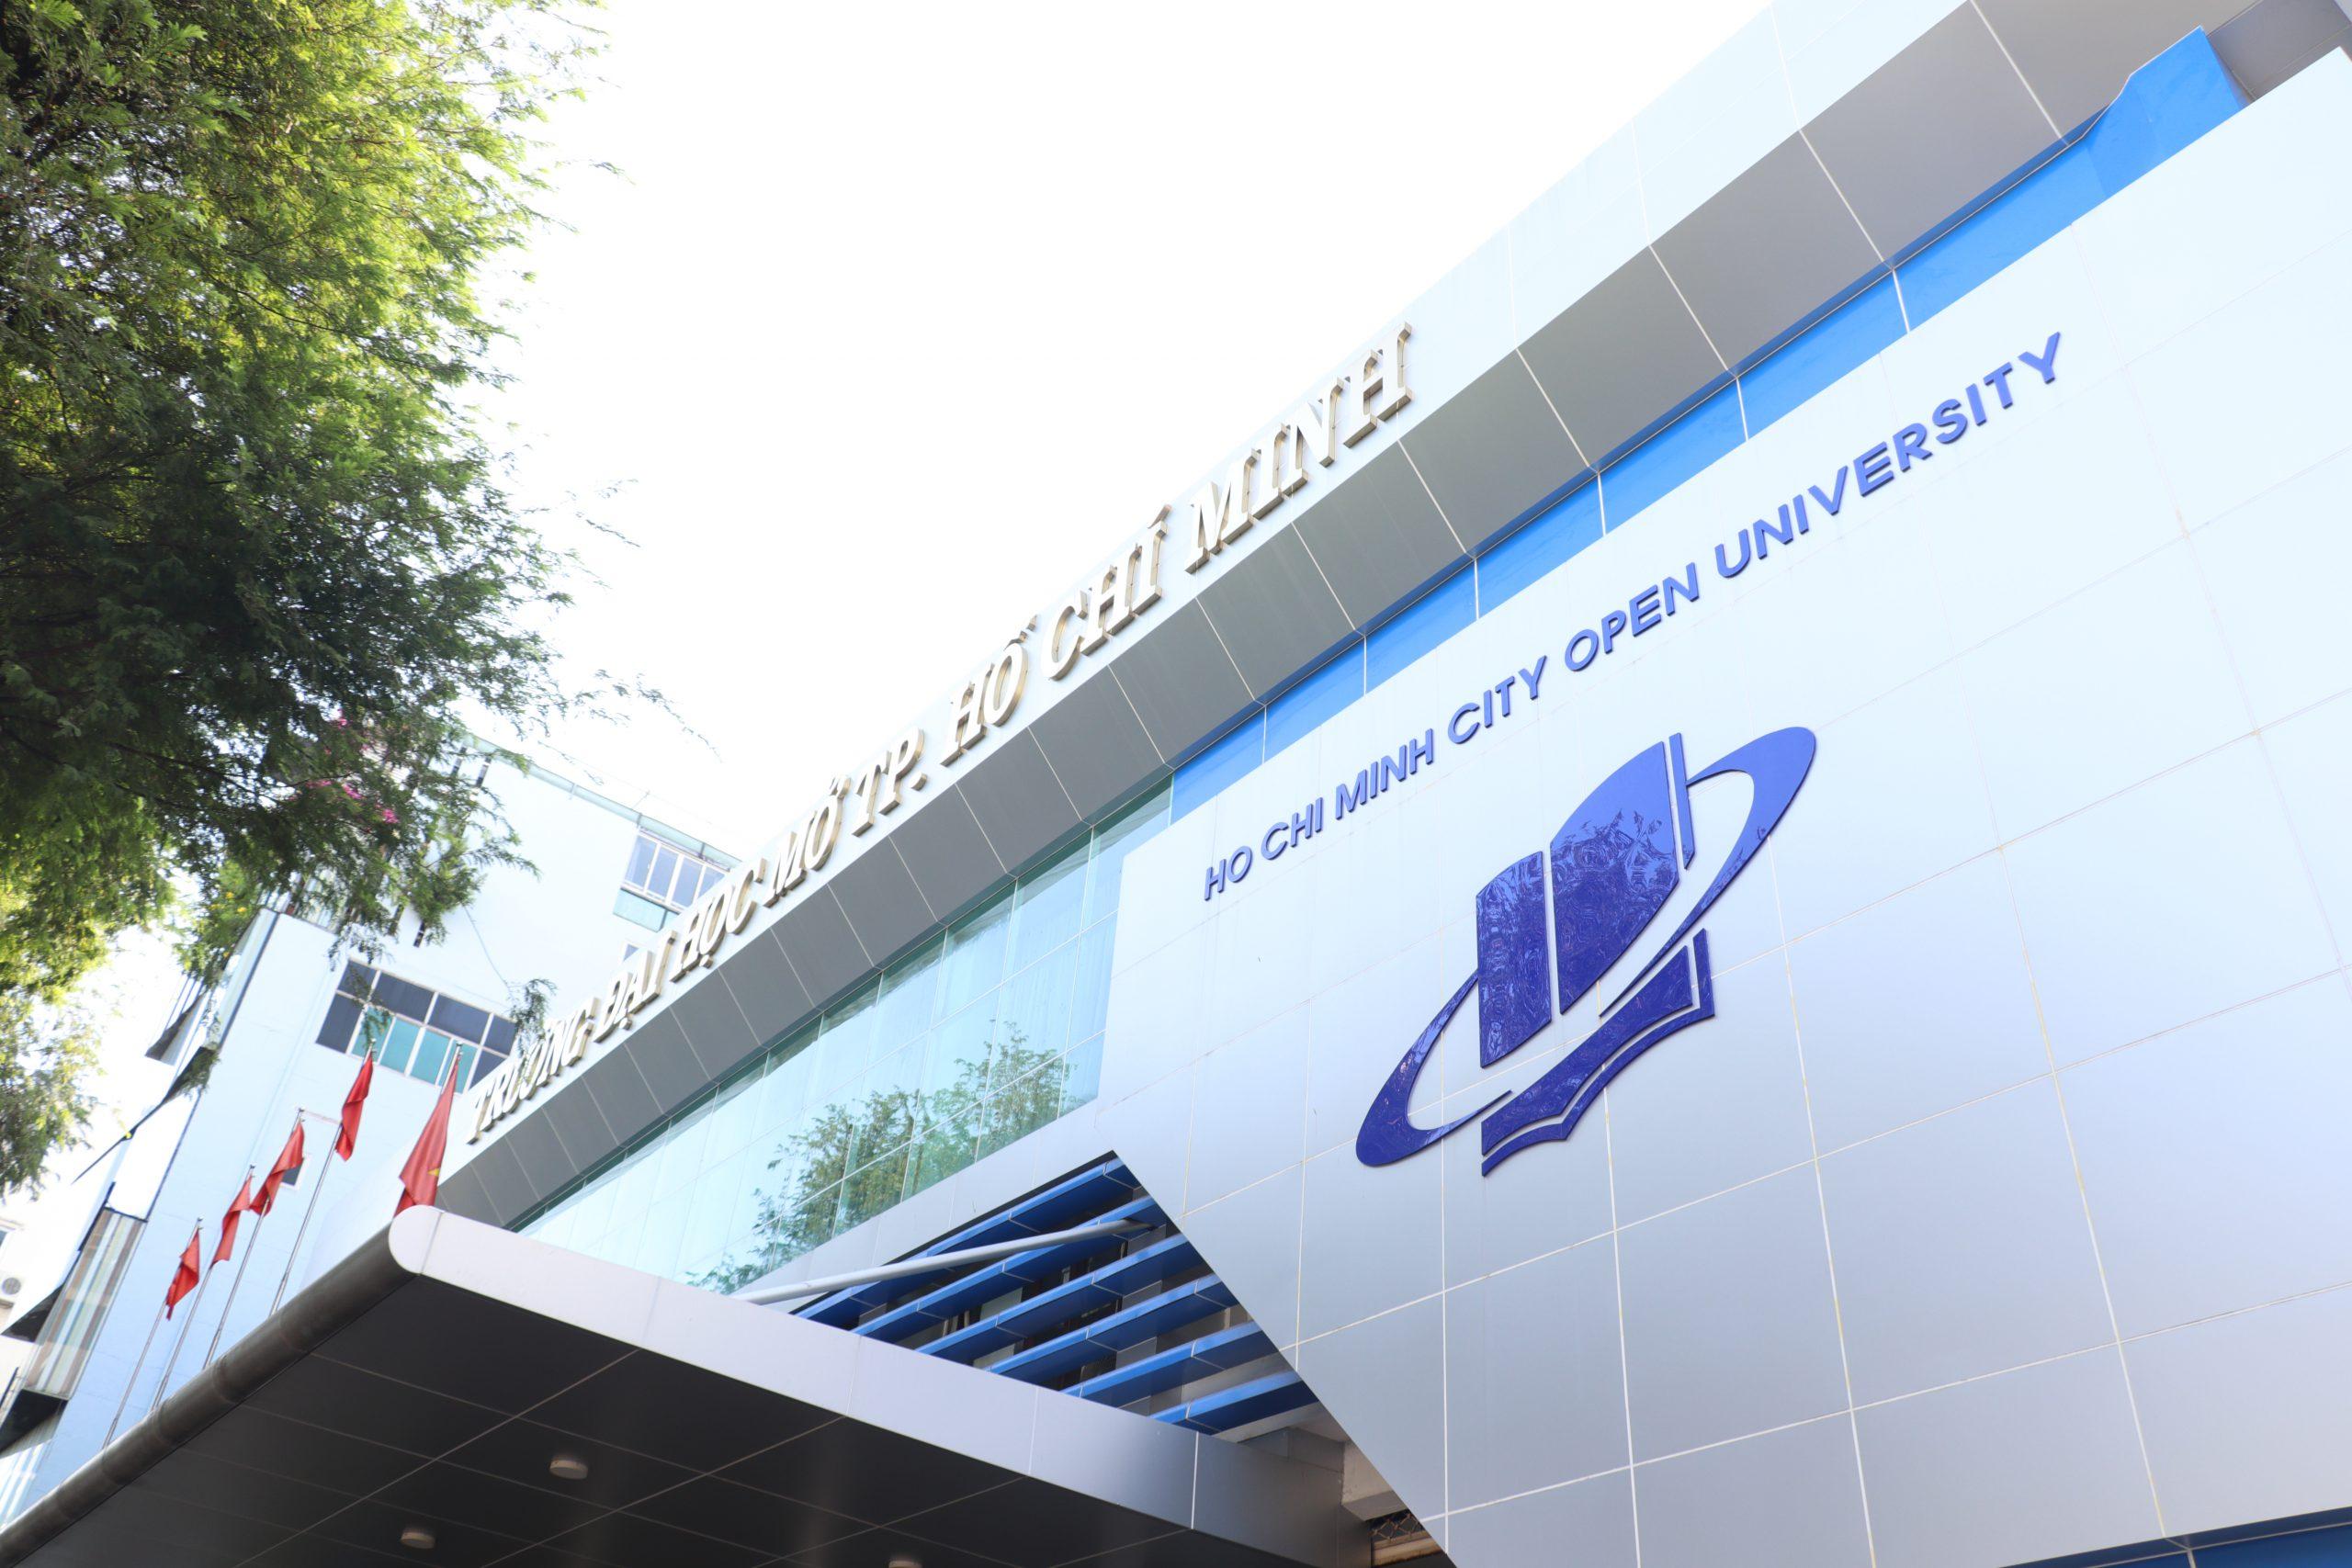 Bộ Giáo dục và Đào tạo khen thưởng cho Trường ĐH Mở TPHCM vì có nhiều bài báo khoa học quốc tế năm 2020